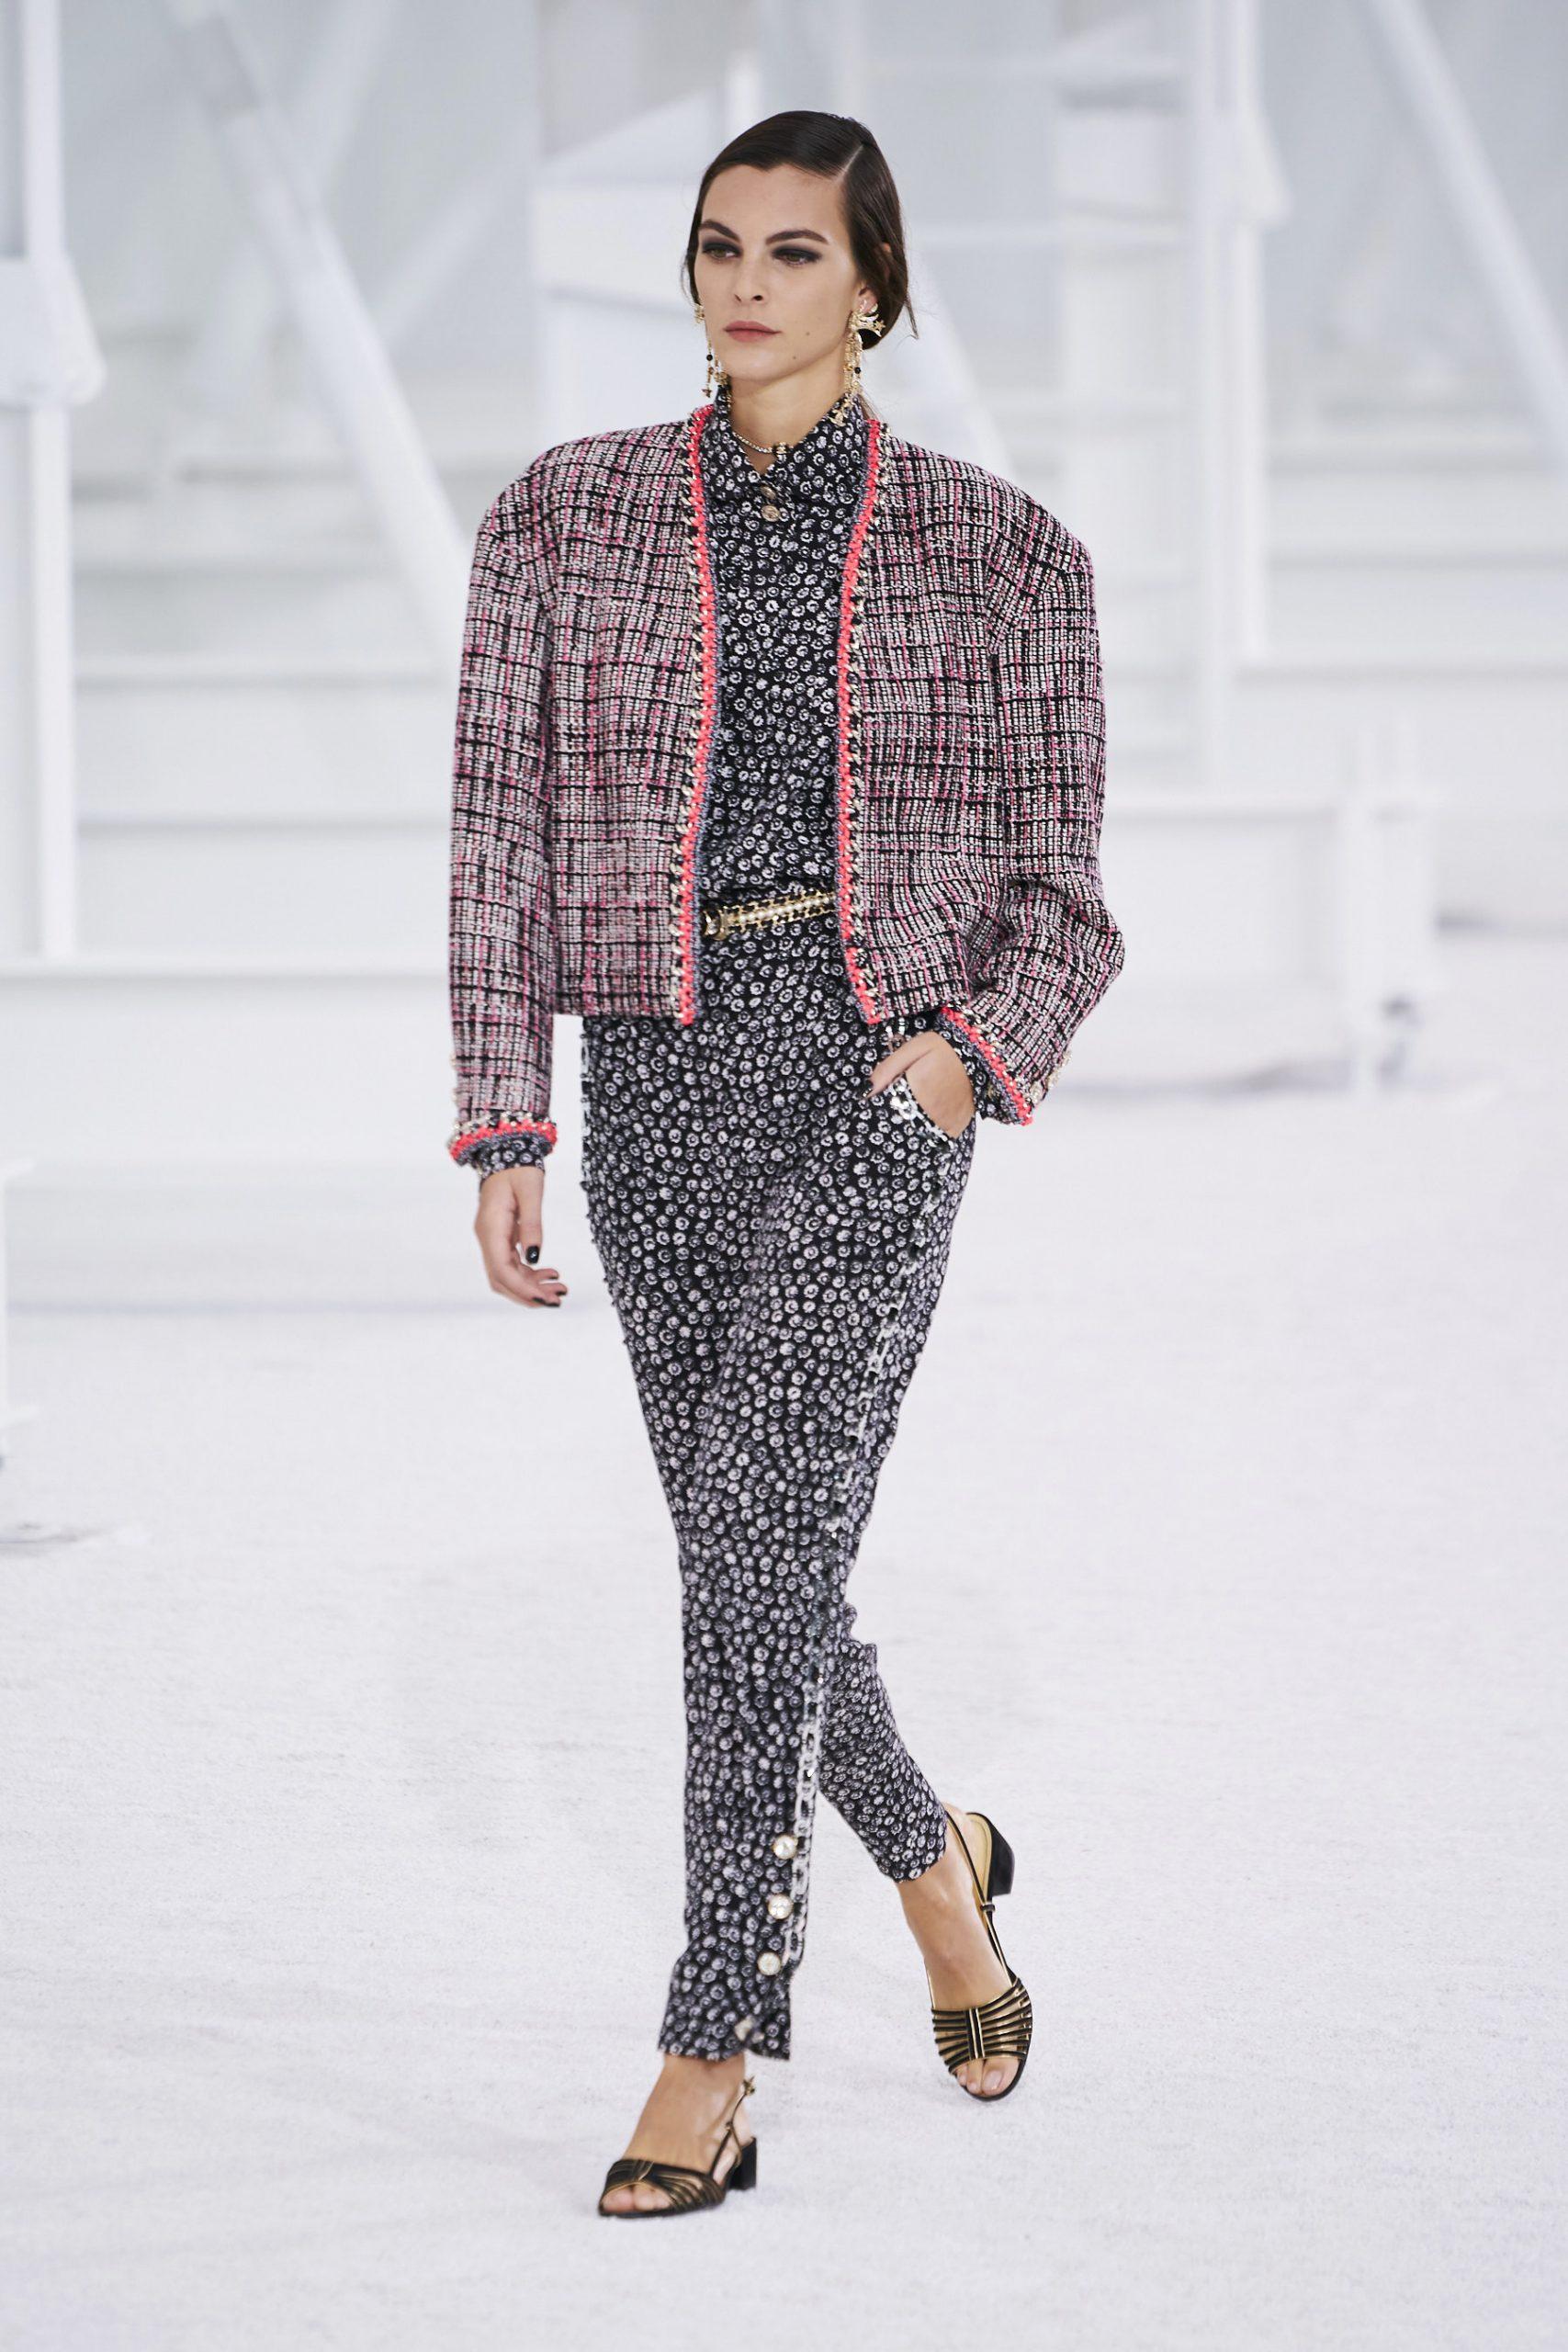 4. kép: Párizsi Divathét - Chanel - 2021 tavasz-nyár - ready to wear